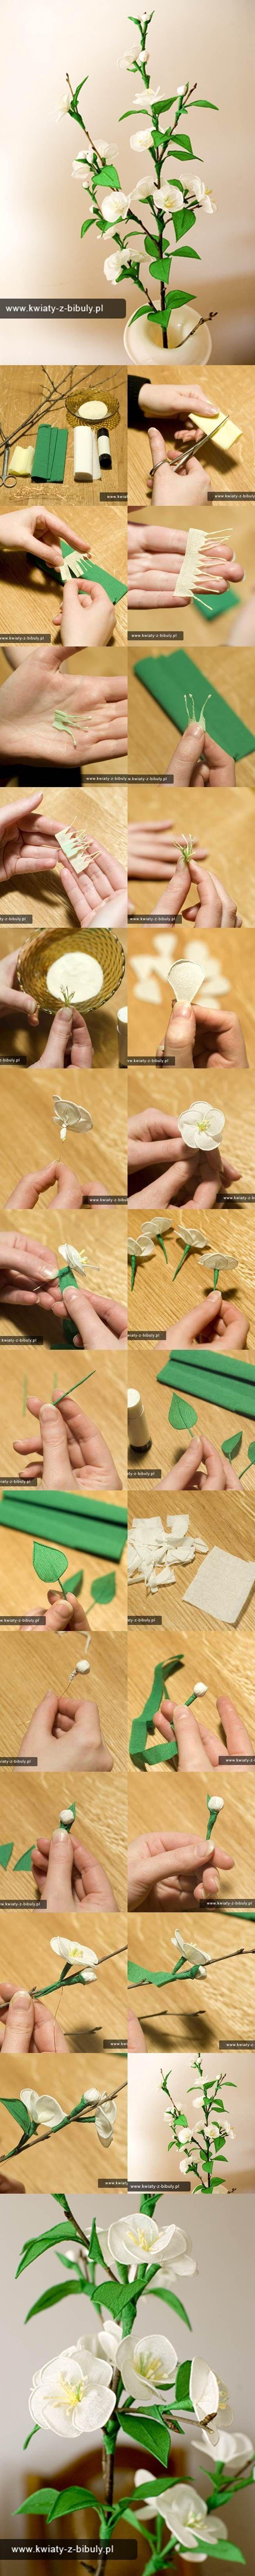 DIY Delicate Crepe Paper Cherry Blossom Sprig http://www.icreativeideas.com/diy-delicate-crepe-paper-cherry-blossom-sprig/: